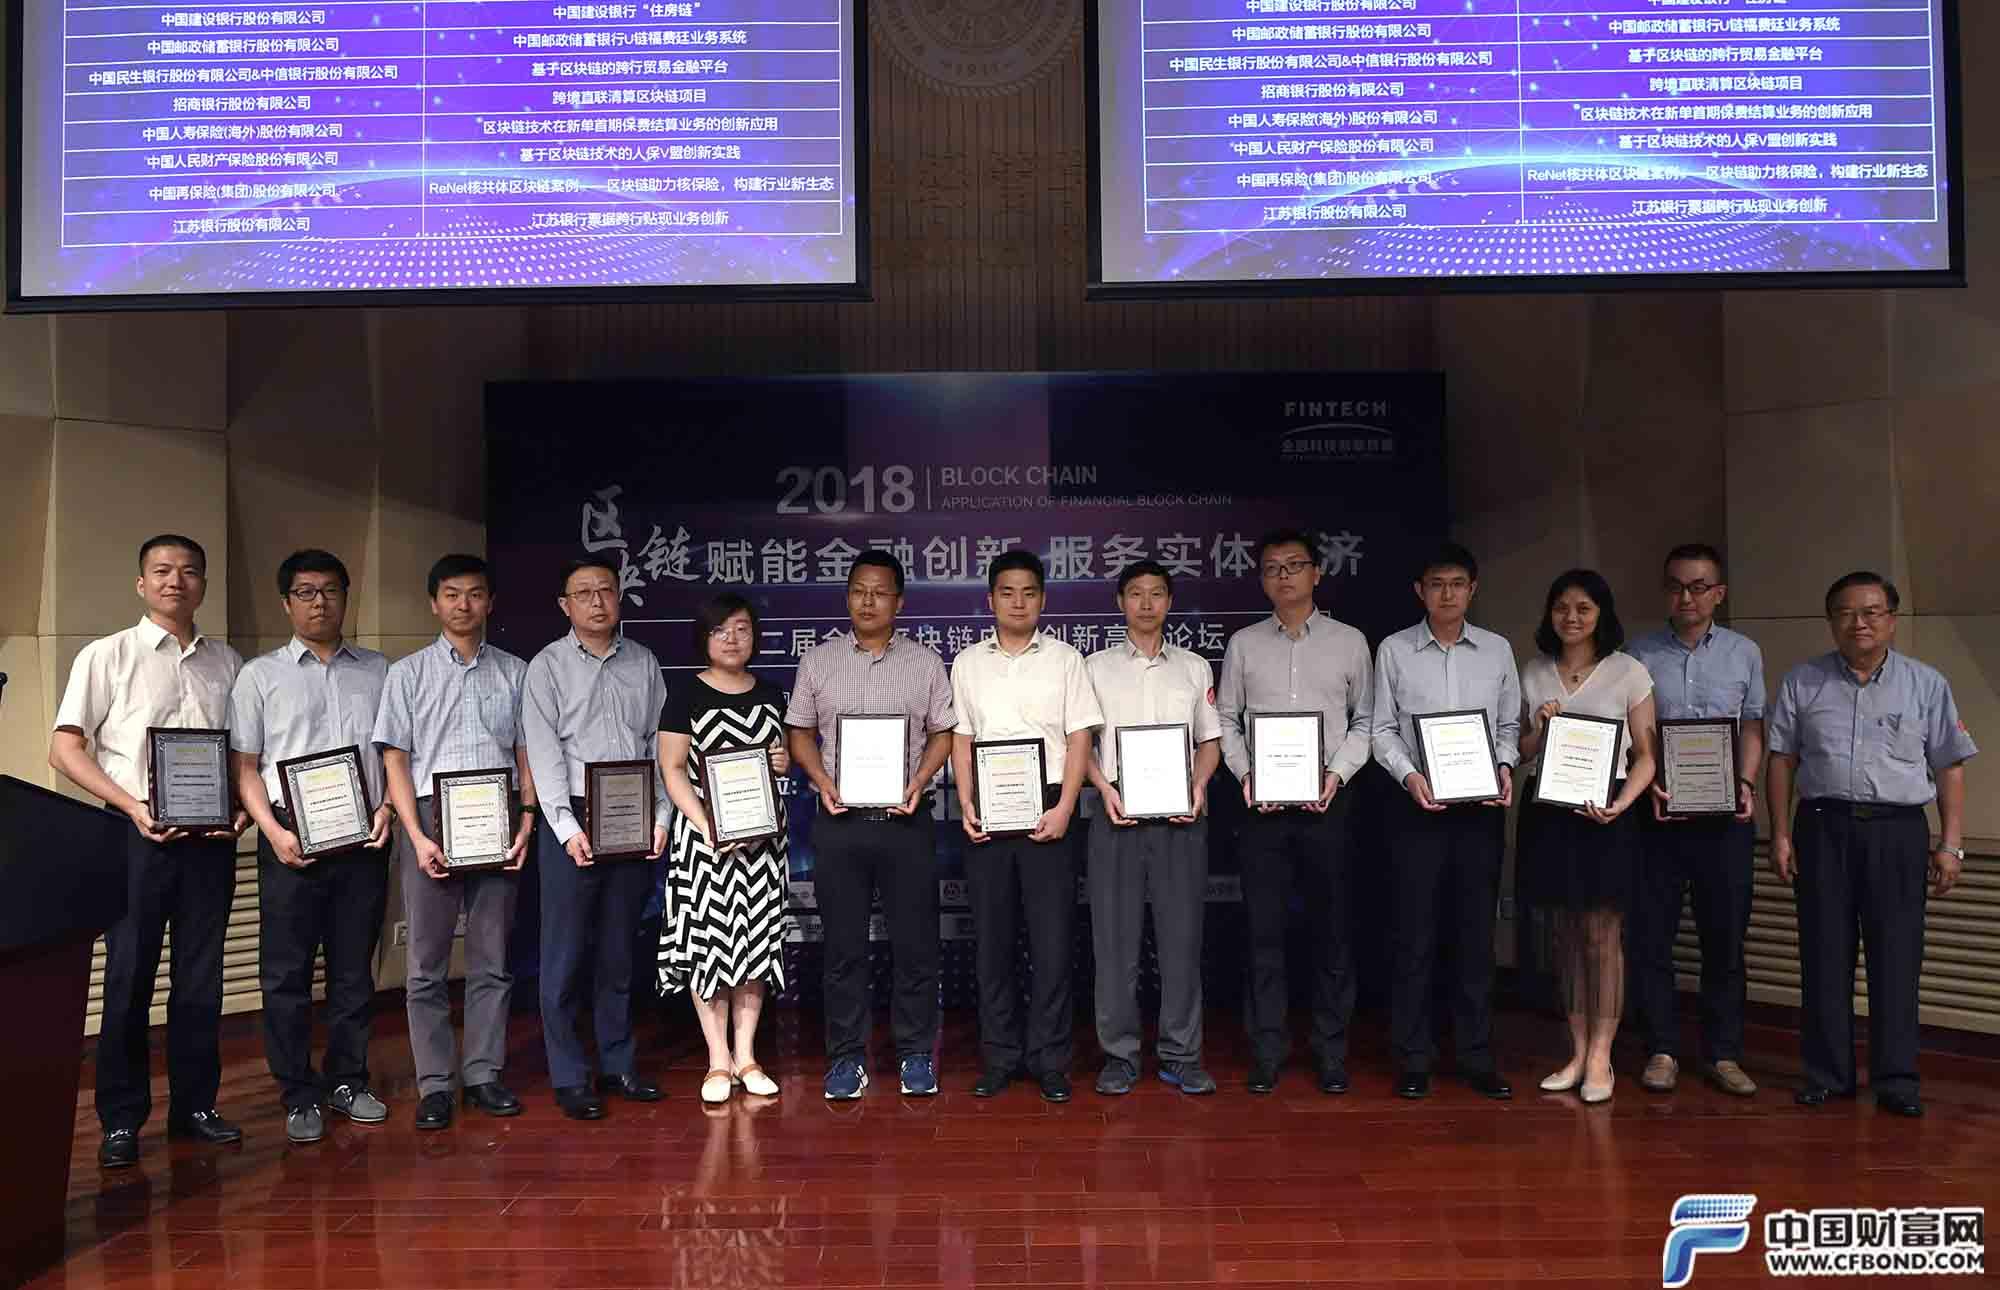 《2018金融区块链应用创新优秀案例》获奖单位合影